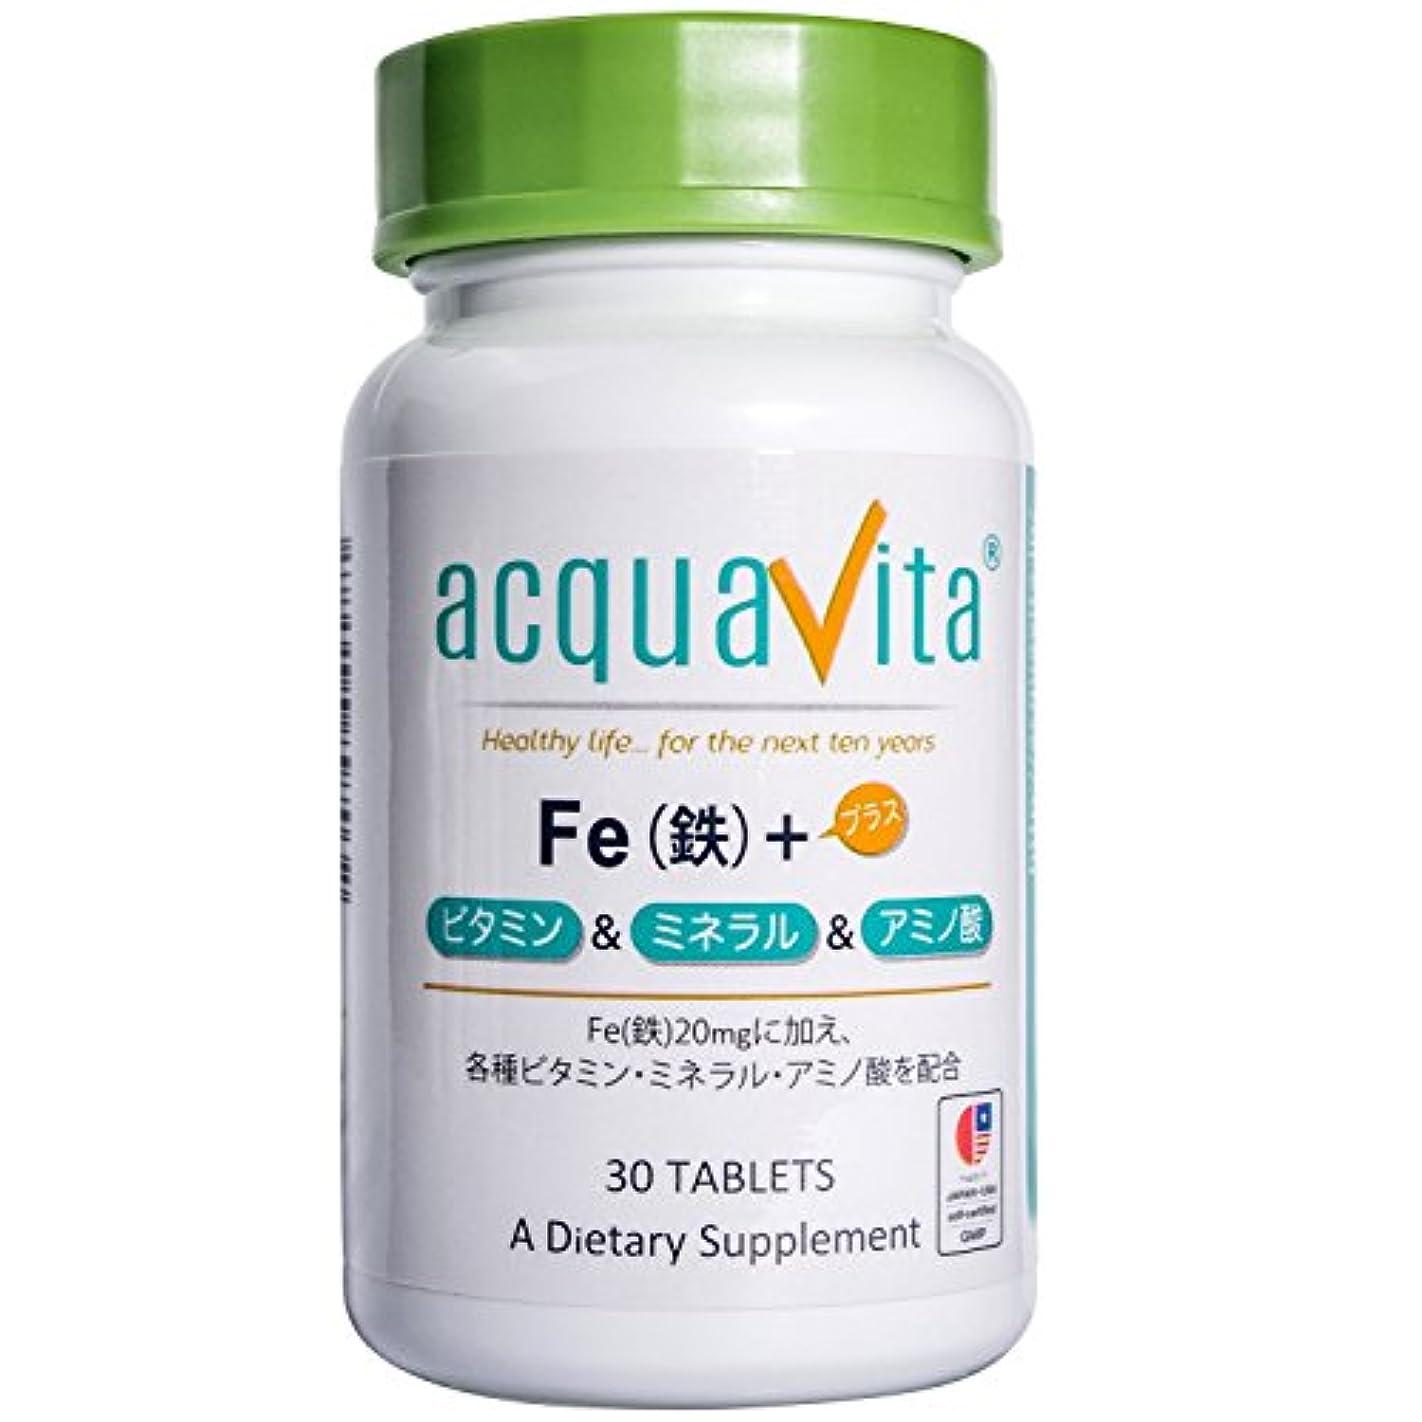 適合と組むネストacquavita(アクアヴィータ) Fe(鉄)+ビタミン?ミネラル?アミノ酸 30粒